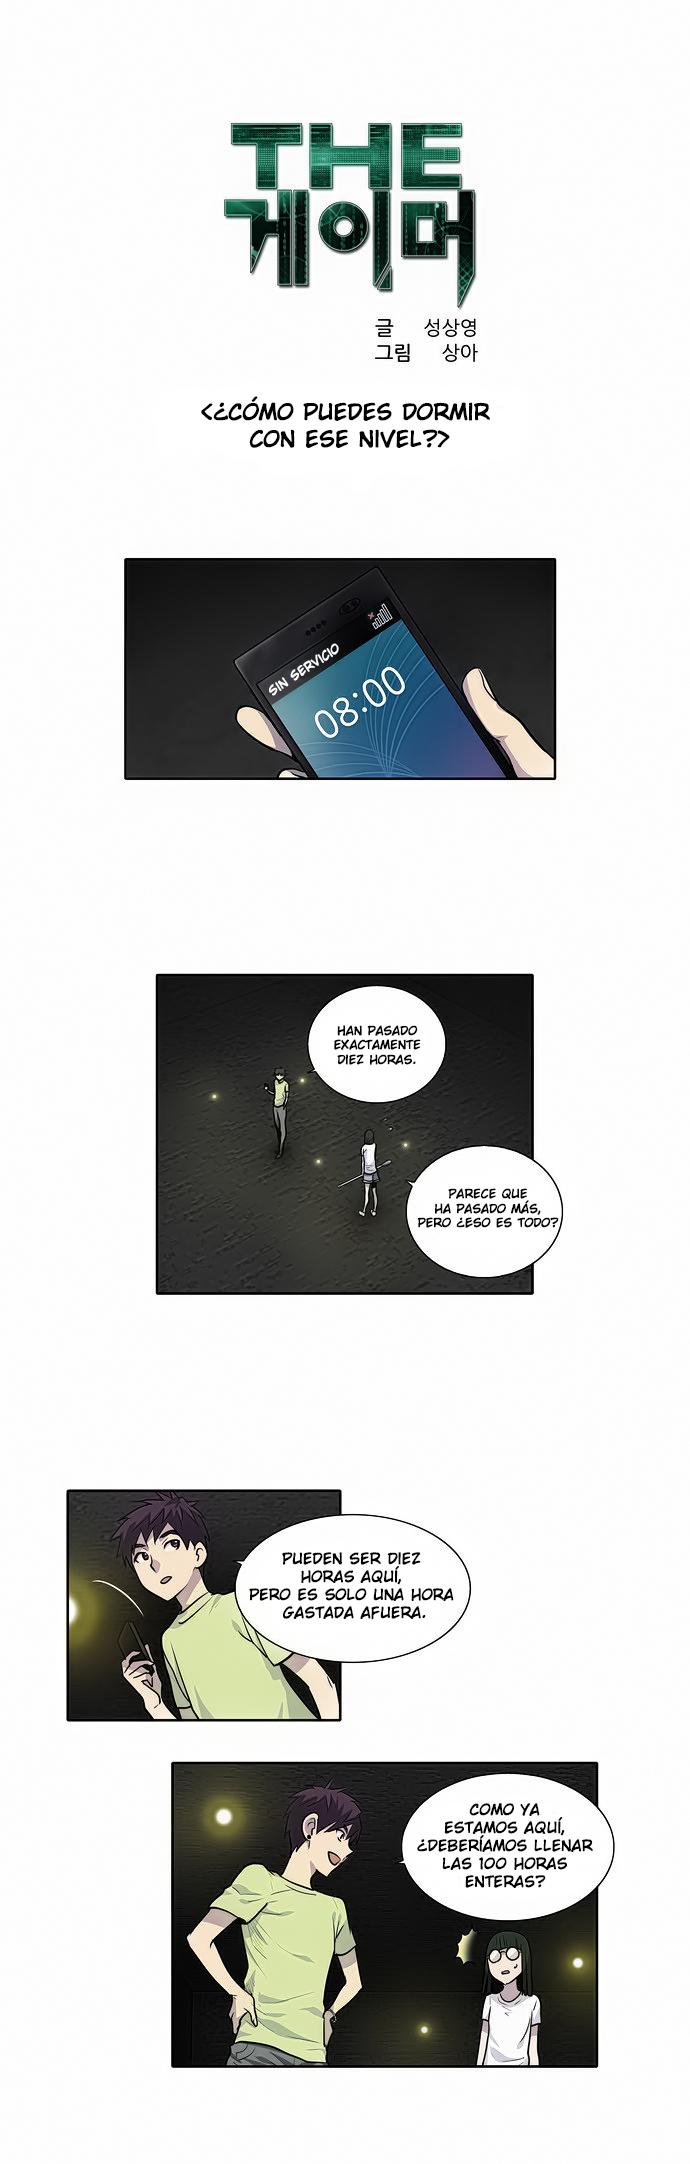 http://c5.ninemanga.com/es_manga/61/1725/434276/804589c2558377b846122344fdc54a72.jpg Page 2